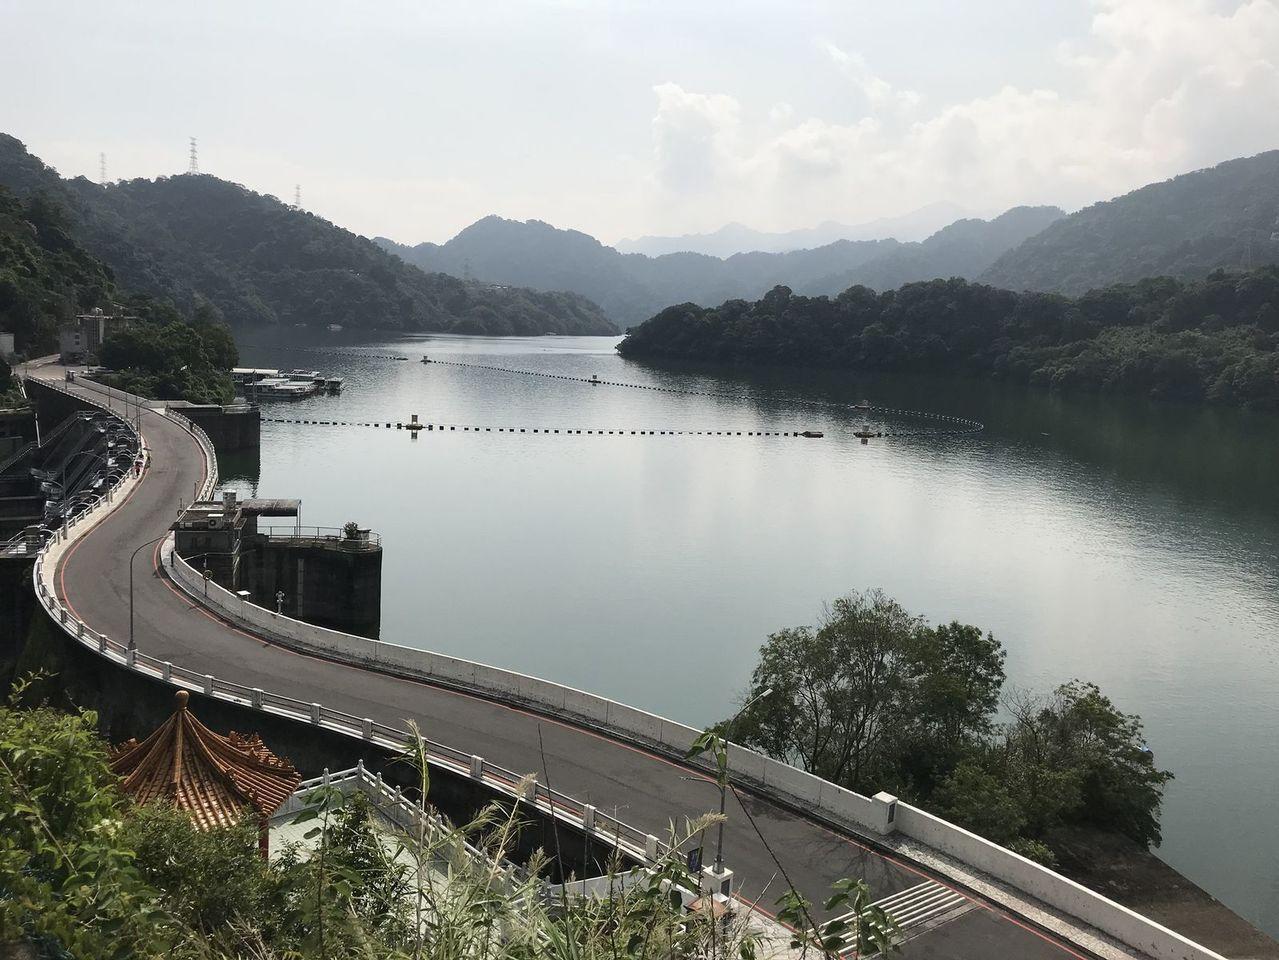 石門水庫因上游集水區降雨,水位逐漸上升己達滿水位。圖/經濟部北水局提供